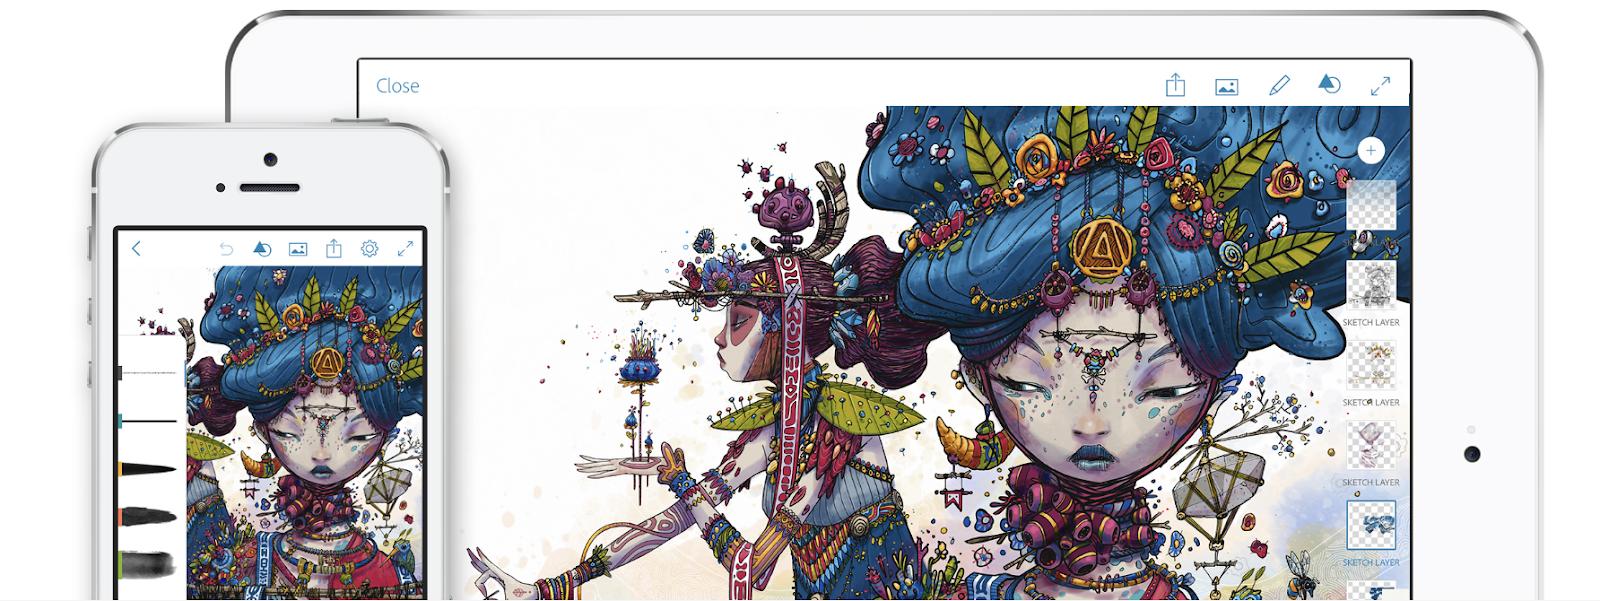 iPad mit digitaler Malerei auf dem Bildschirm für iPad und iPhone-Display